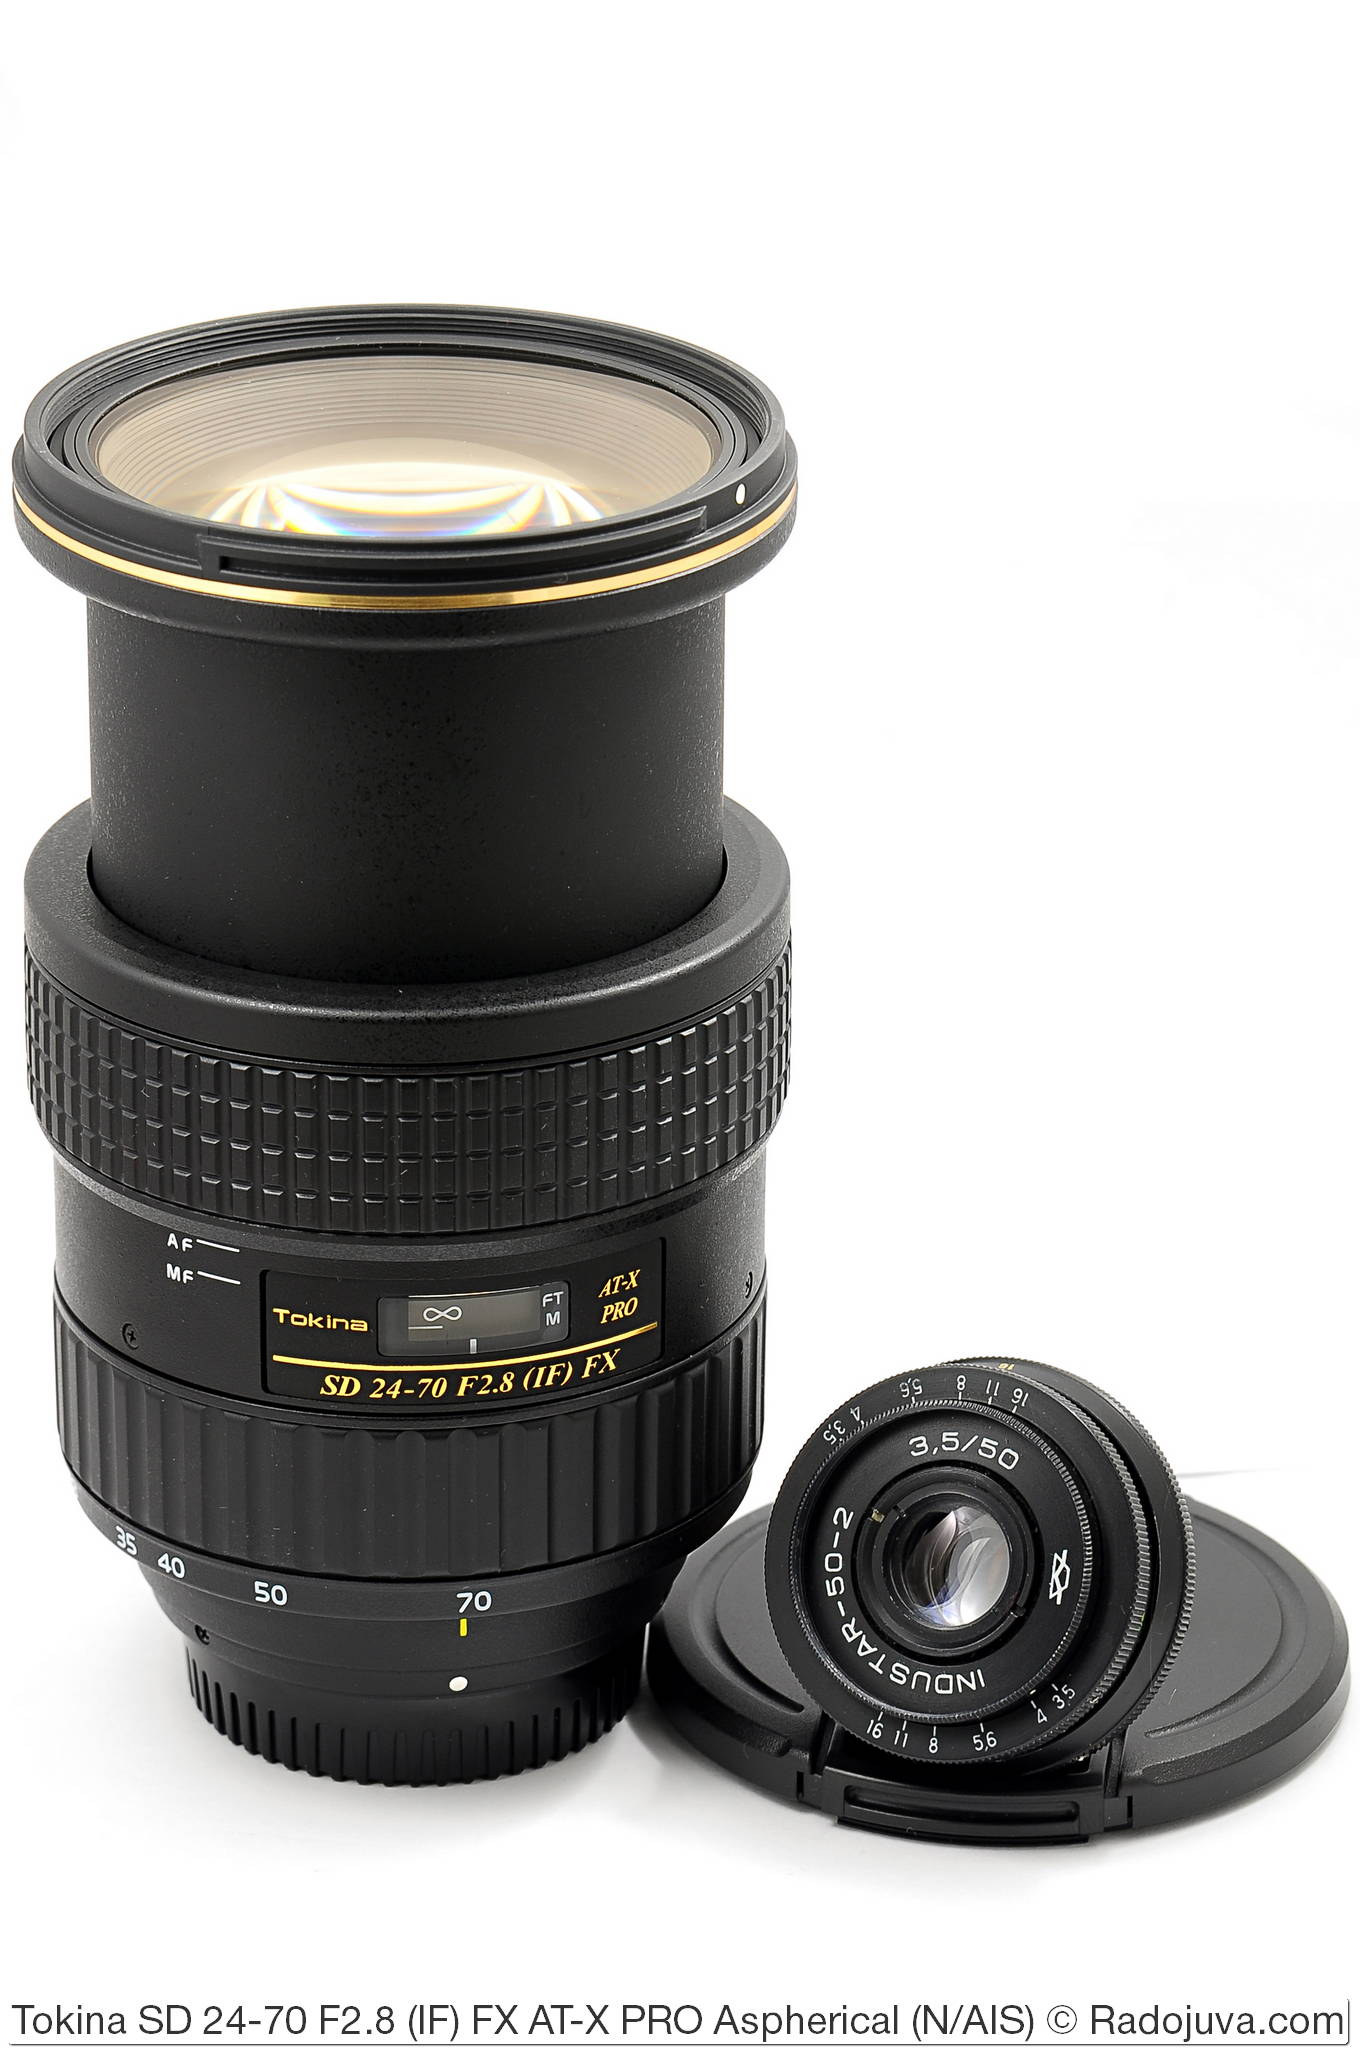 Размеры обеъктивов Tokina SD 24-70 F2.8 (IF) FX AT-X PRO Aspherical и Industar-50-2 3,5/50. Вместо одной Токины 24-70 можно купить 500 Индустаров 50/3.5.